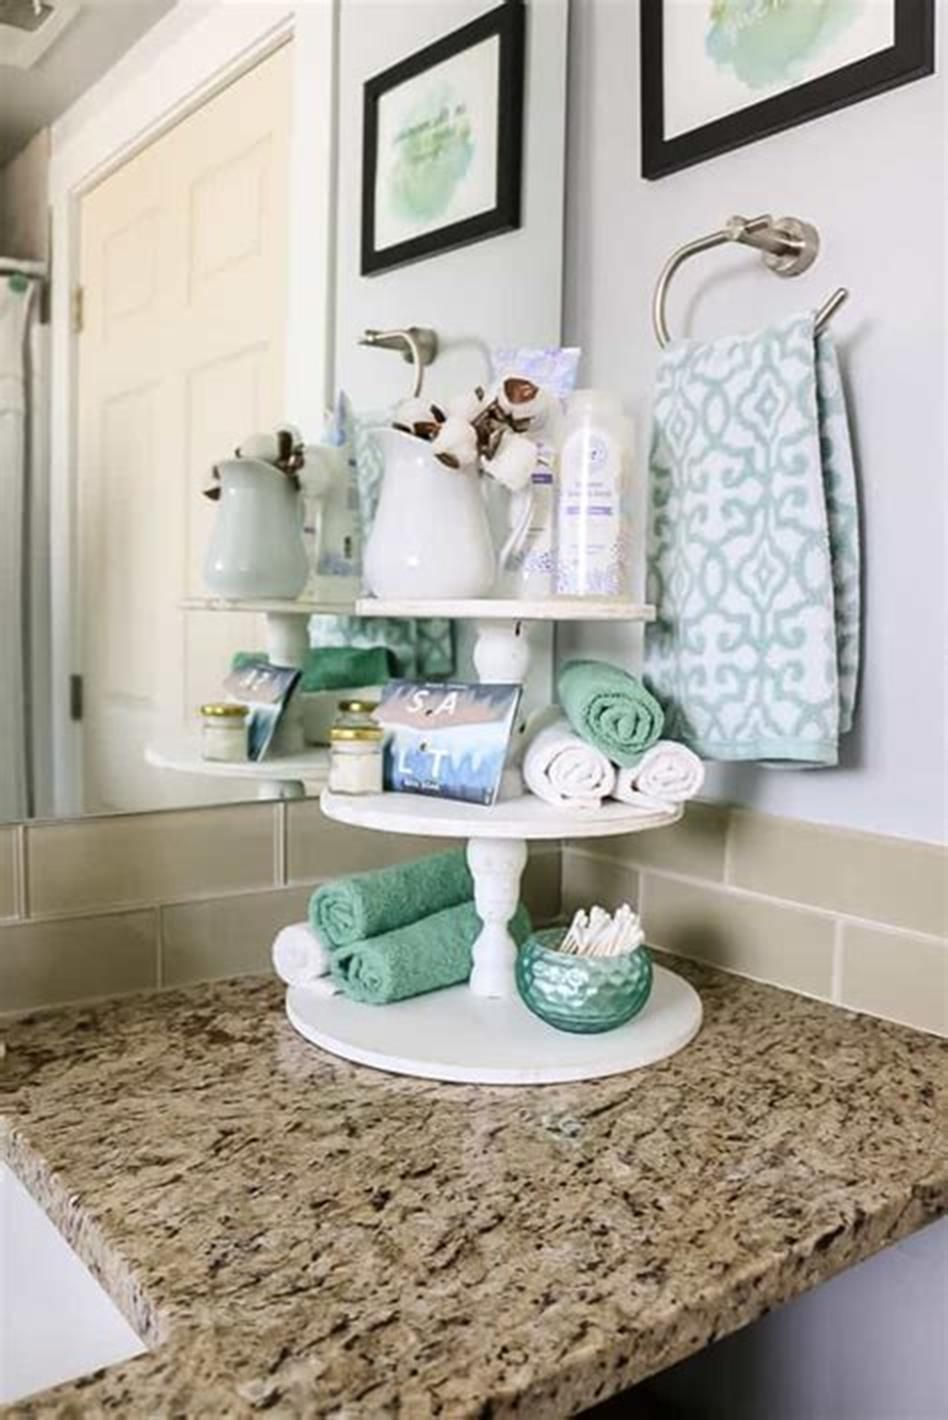 40 Beautiful Bathroom Vanity Tray Decor Ideas Decorecent Bathroom Vanity Tray Bathroom Countertop Storage Vanity Tray Decor